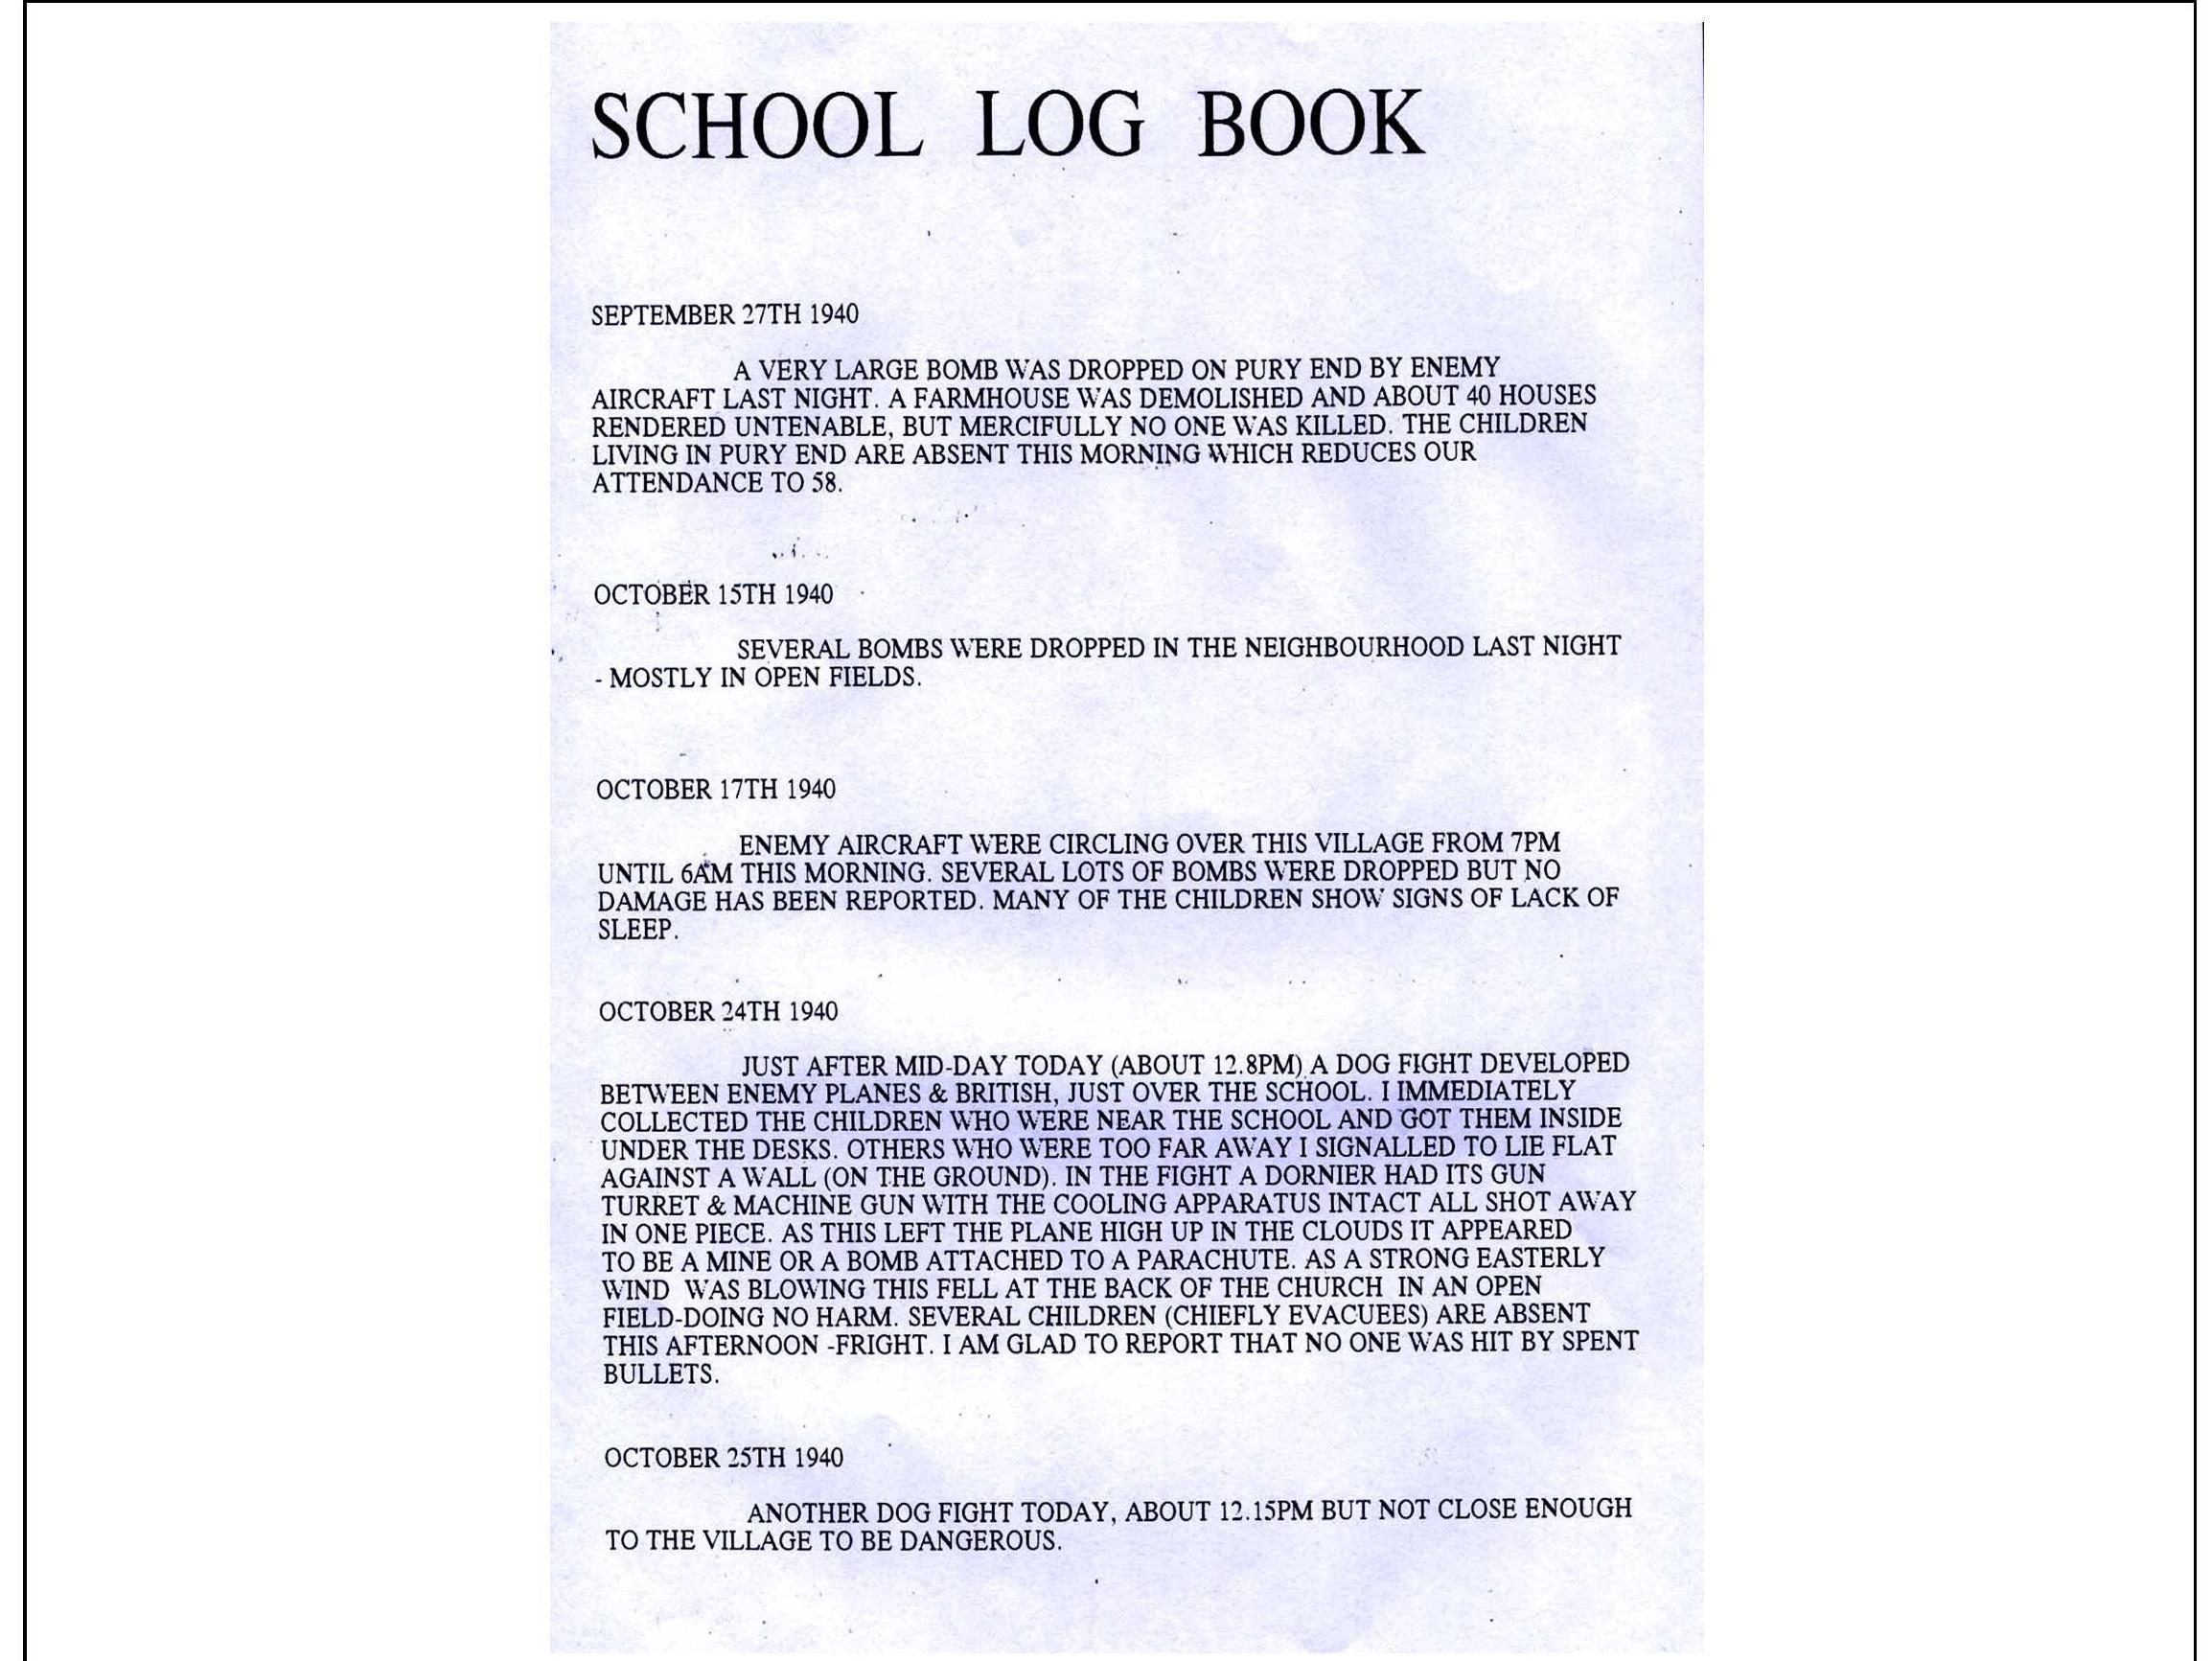 schools8